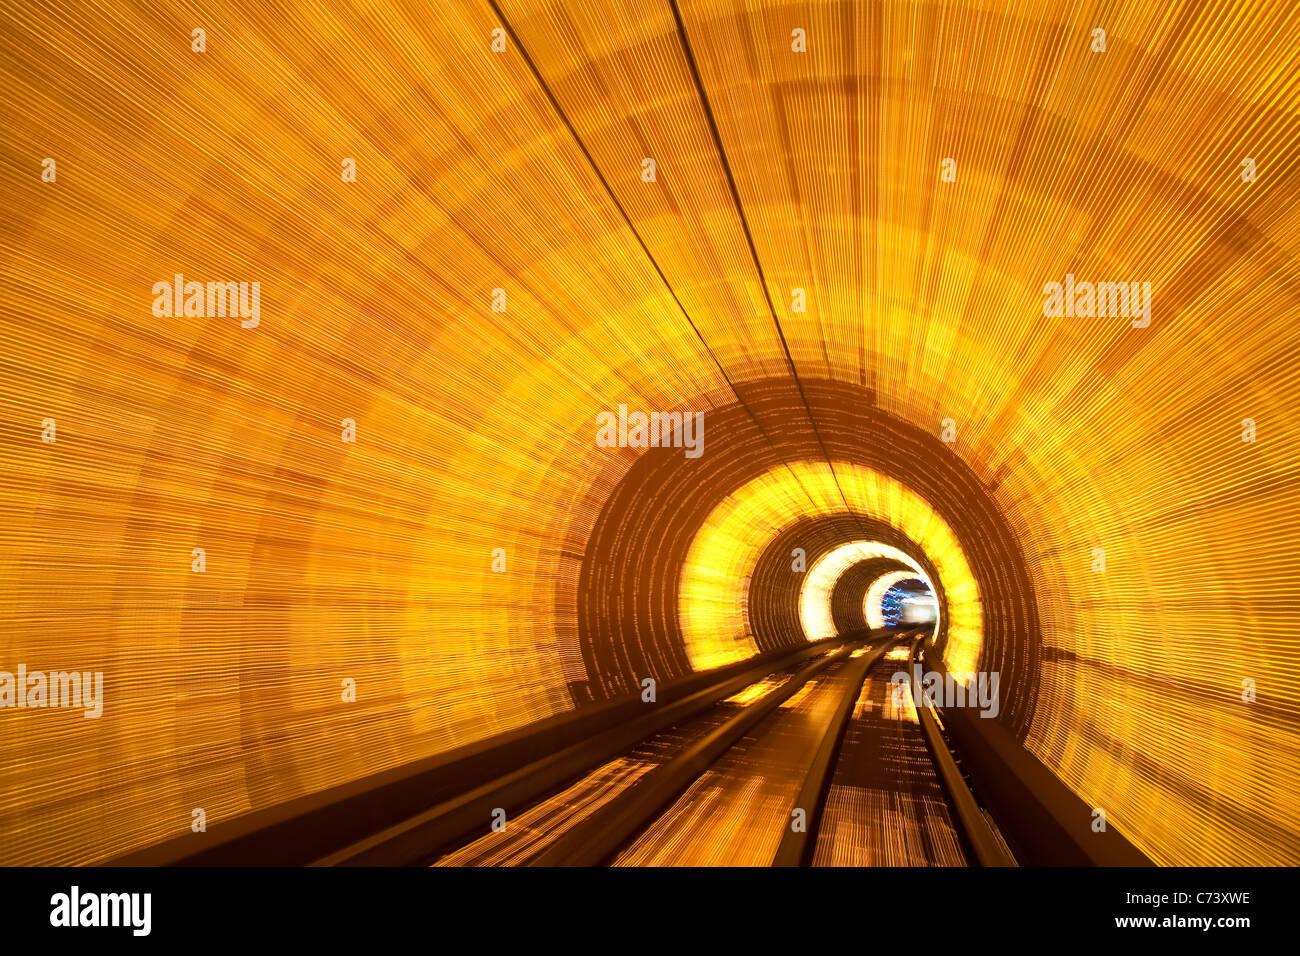 Blurred motion light trails dans un tunnel sous le train qui relie le Bund tiver Huangpu à Pudong, Shanghai, Chine Banque D'Images